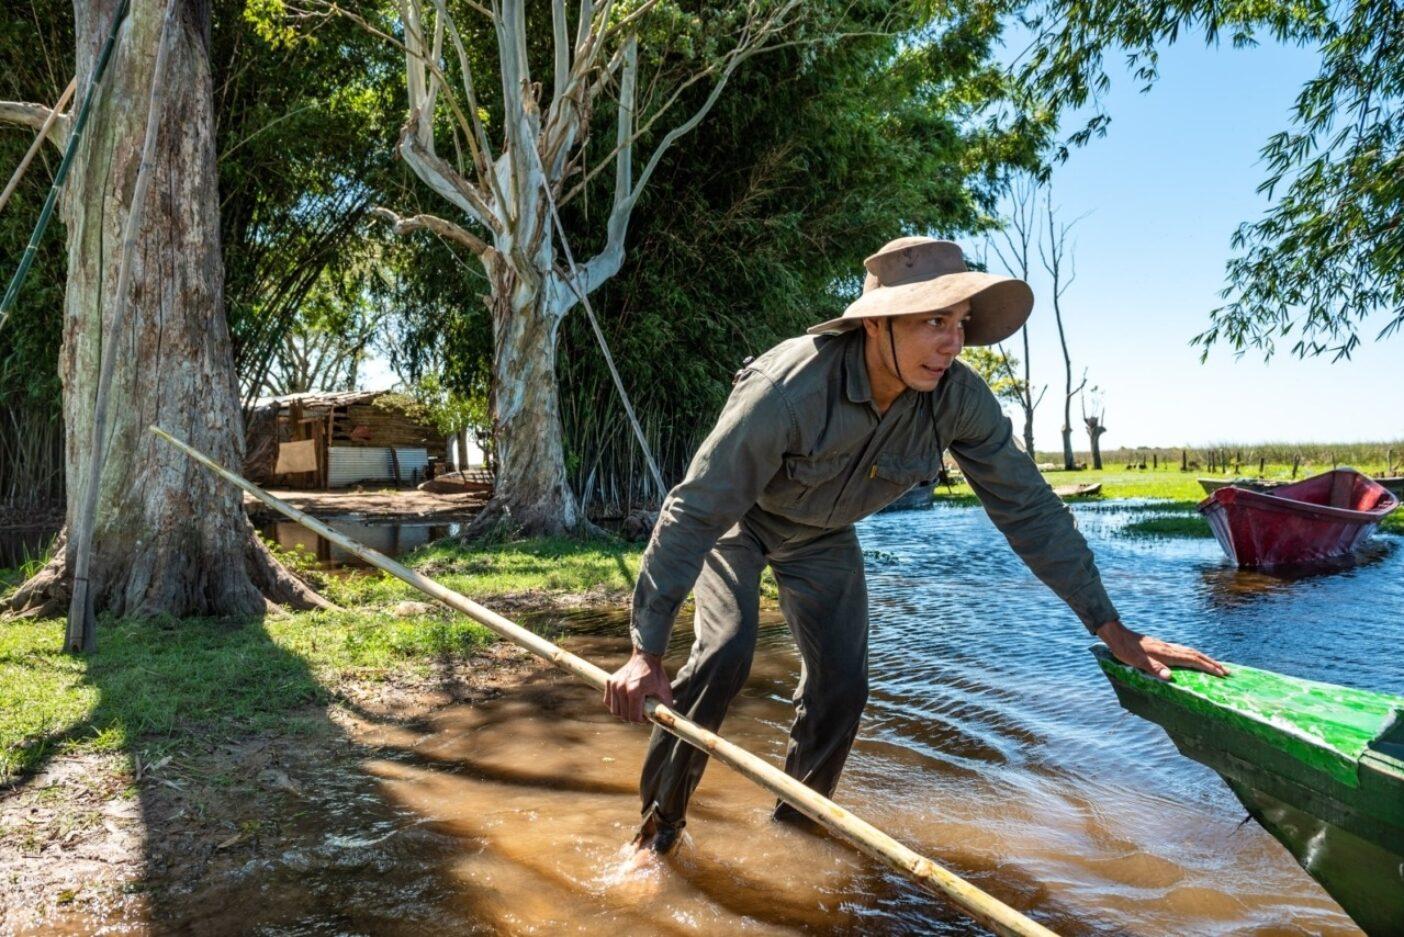 公園の端にある小さな農場からイベラの湿地帯へとカヌーを押し出すフェデリコ・フェルナンデス。子供時代、彼はイベラの中心にあるカランボラと呼ばれる小さなコミュニティ(パラヘ)に住んでいた。そこで家族は牛、豚、鶏と、乾燥した土地の小区画で野菜を育てた。彼が10歳のとき、彼の家族は職を求め、彼が学校へ行けるようにコンセプシオンの街へと越した。彼は故郷に戻れたことを喜んでいる。